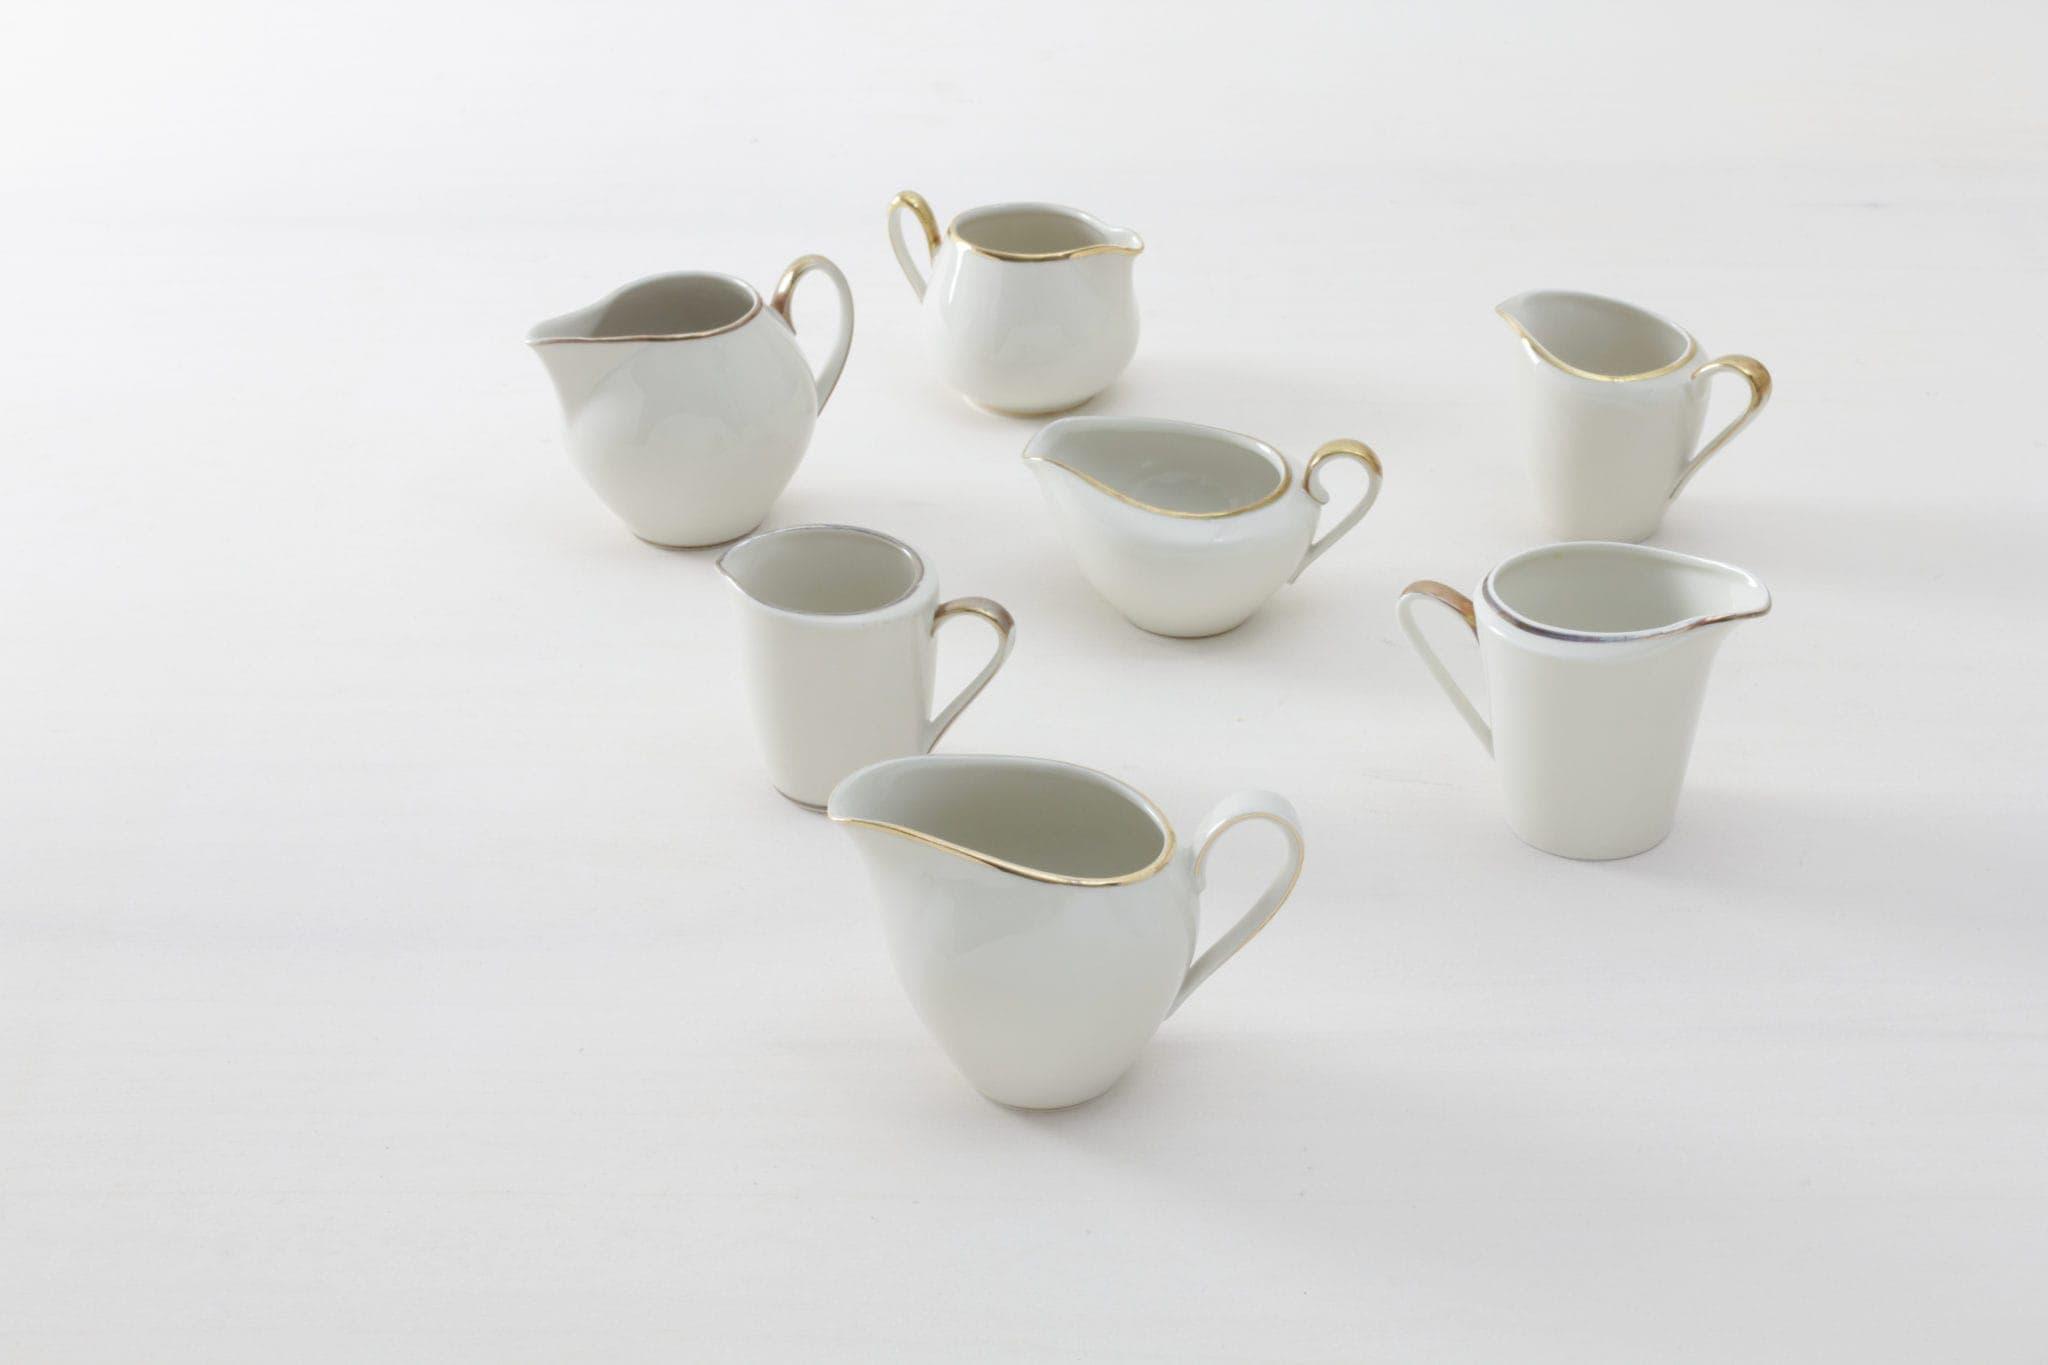 Vintage Porzellan,Milchkännchen & Zuckerschalen mieten